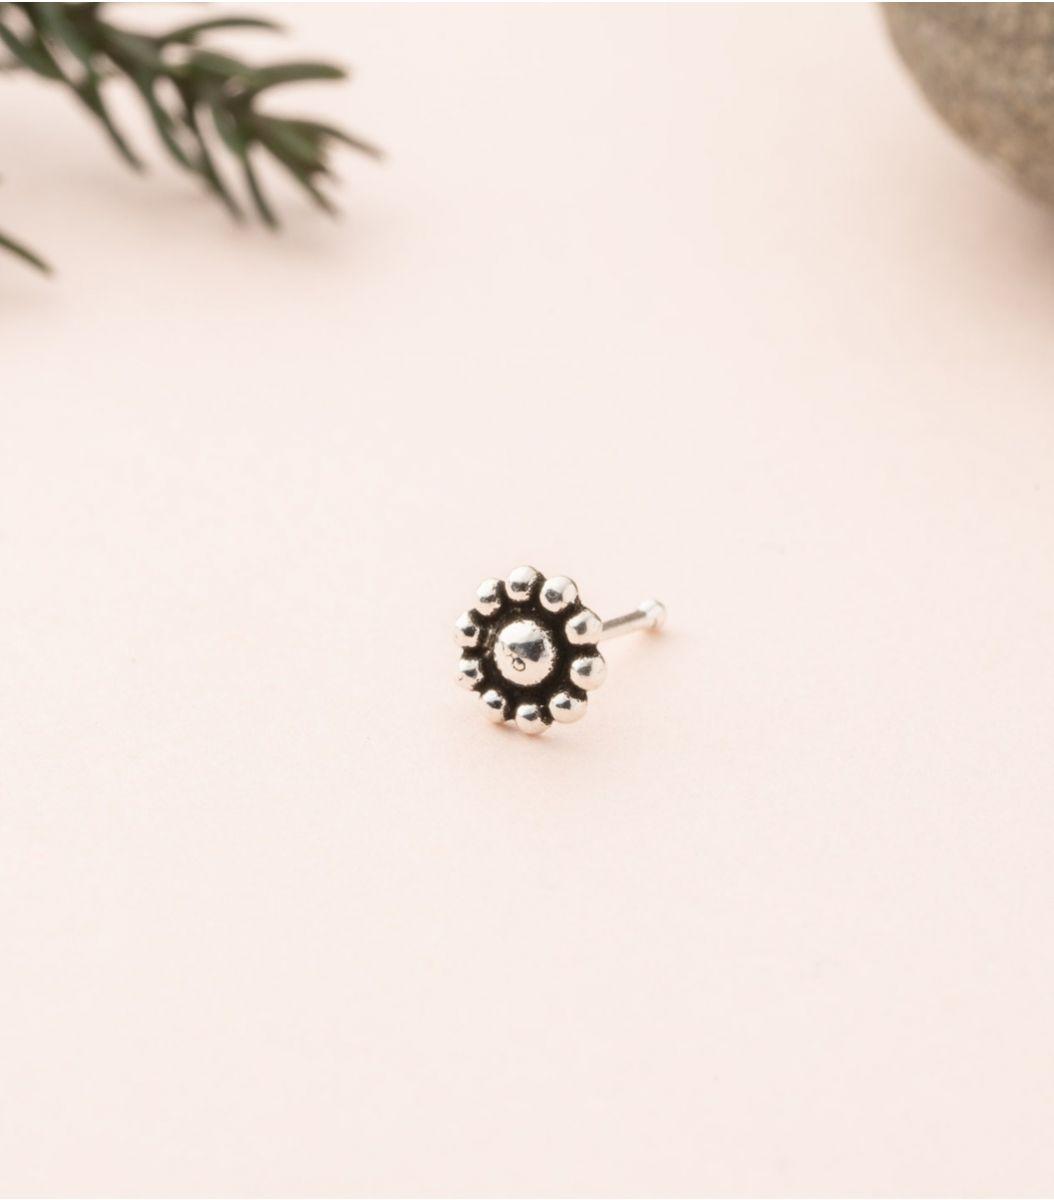 Silver Antique Nose Pin